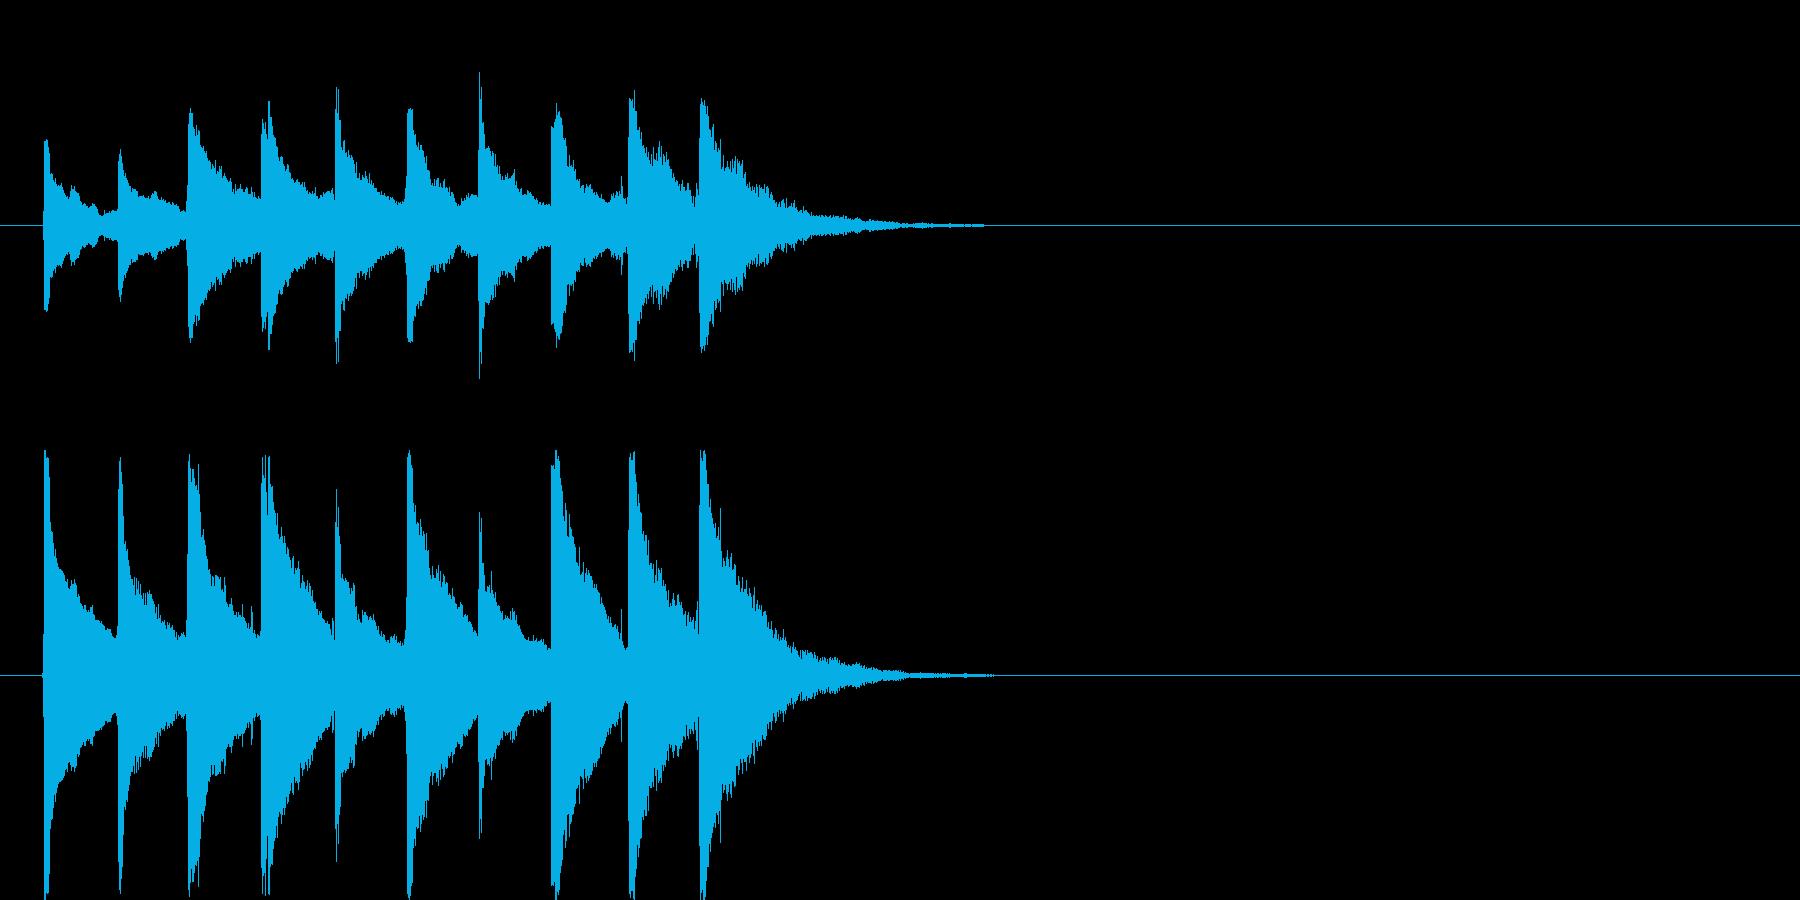 ジングル用途に制作しました。24bit…の再生済みの波形